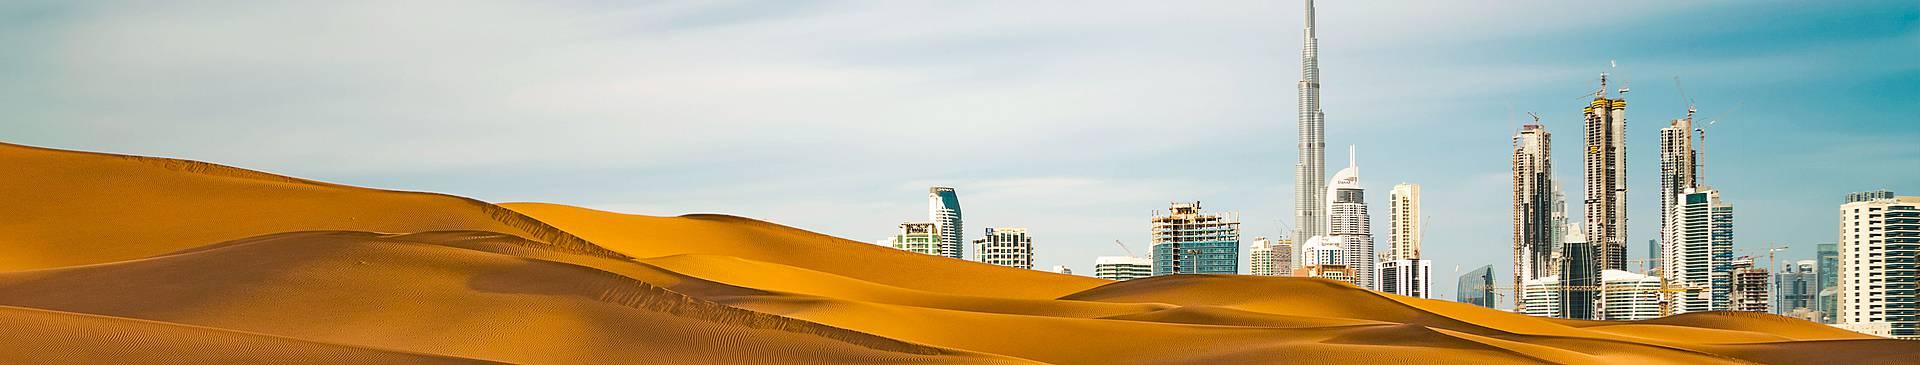 Viajes al desierto de Dubái